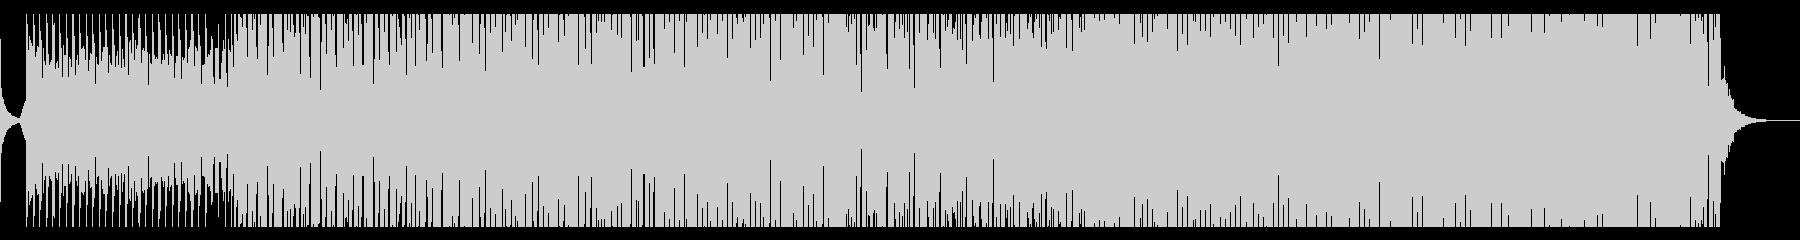 心躍るサマーポップの未再生の波形